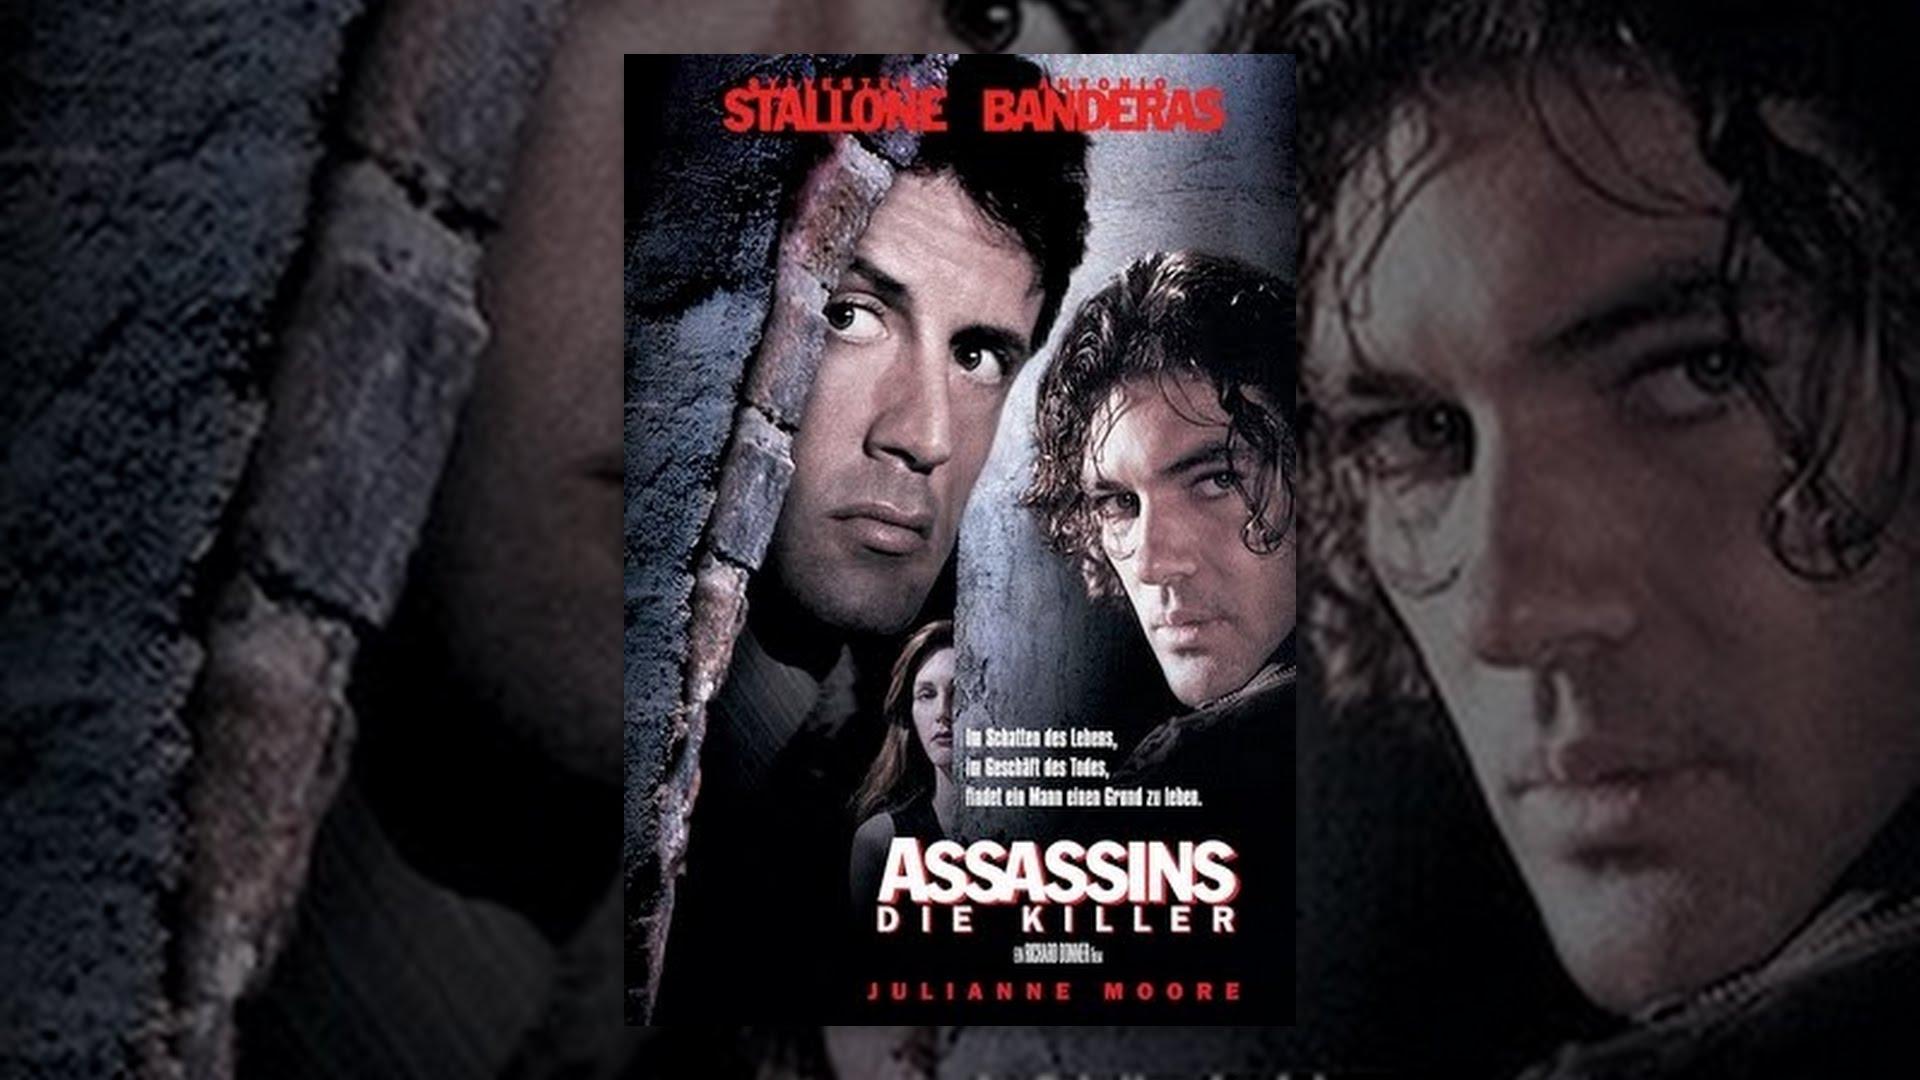 Assassins Die Killer